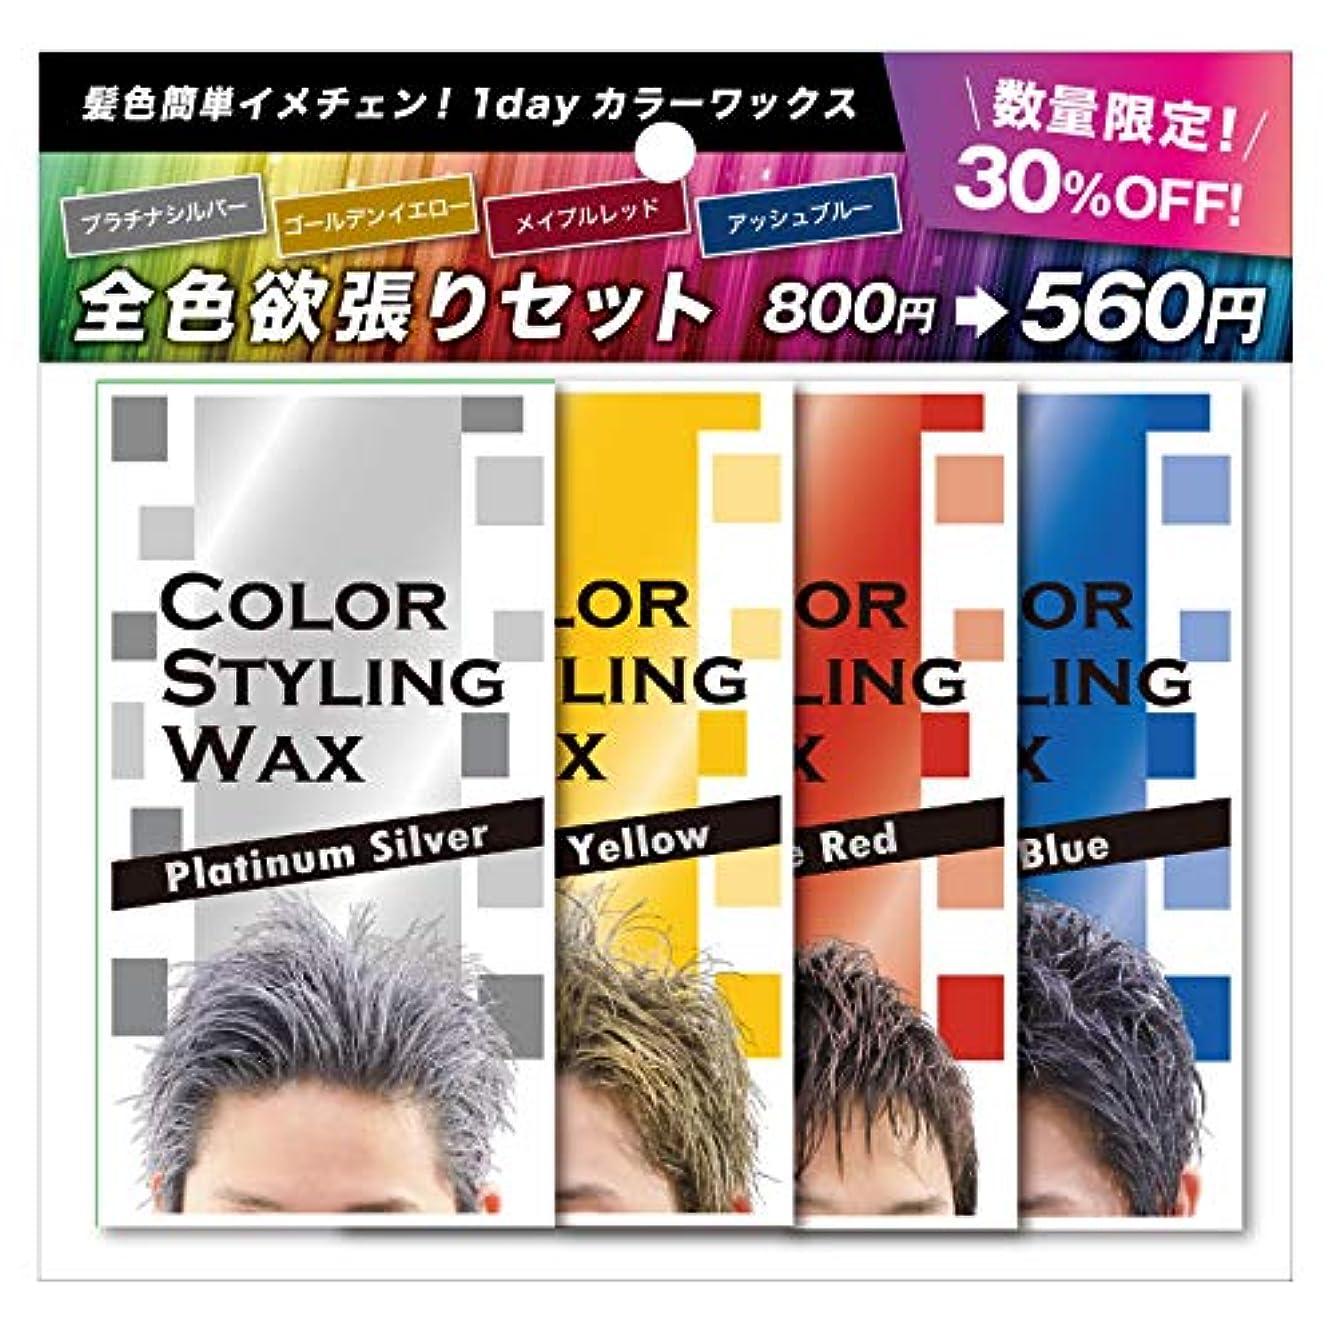 意志に反する禁止するうまカラースタイリングワックス 4色セット プラチナシルバー ゴールデンイエロー メイプルレッド アッシュブルー